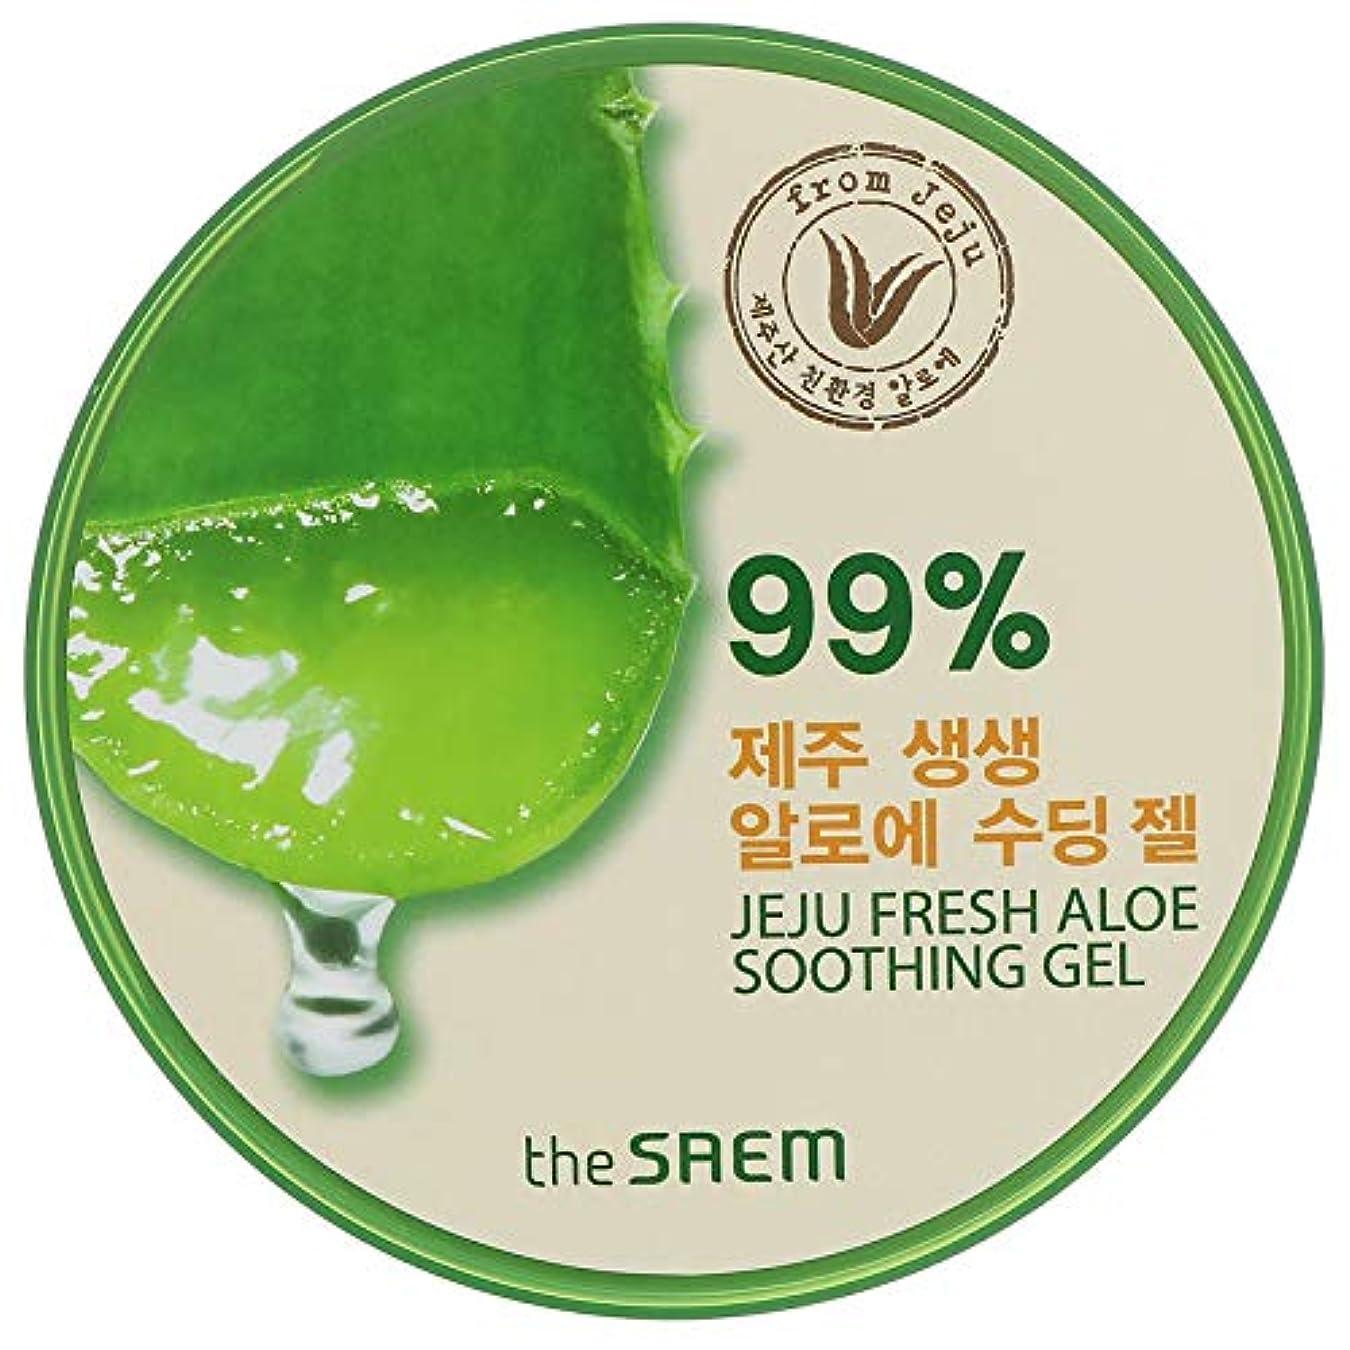 第四リハーサル酸即日発送 【国内発送】ザセム アロエスーディングジェル99% 頭からつま先までしっとり The SAEM Jeju Fresh ALOE Soothing Gel 99%